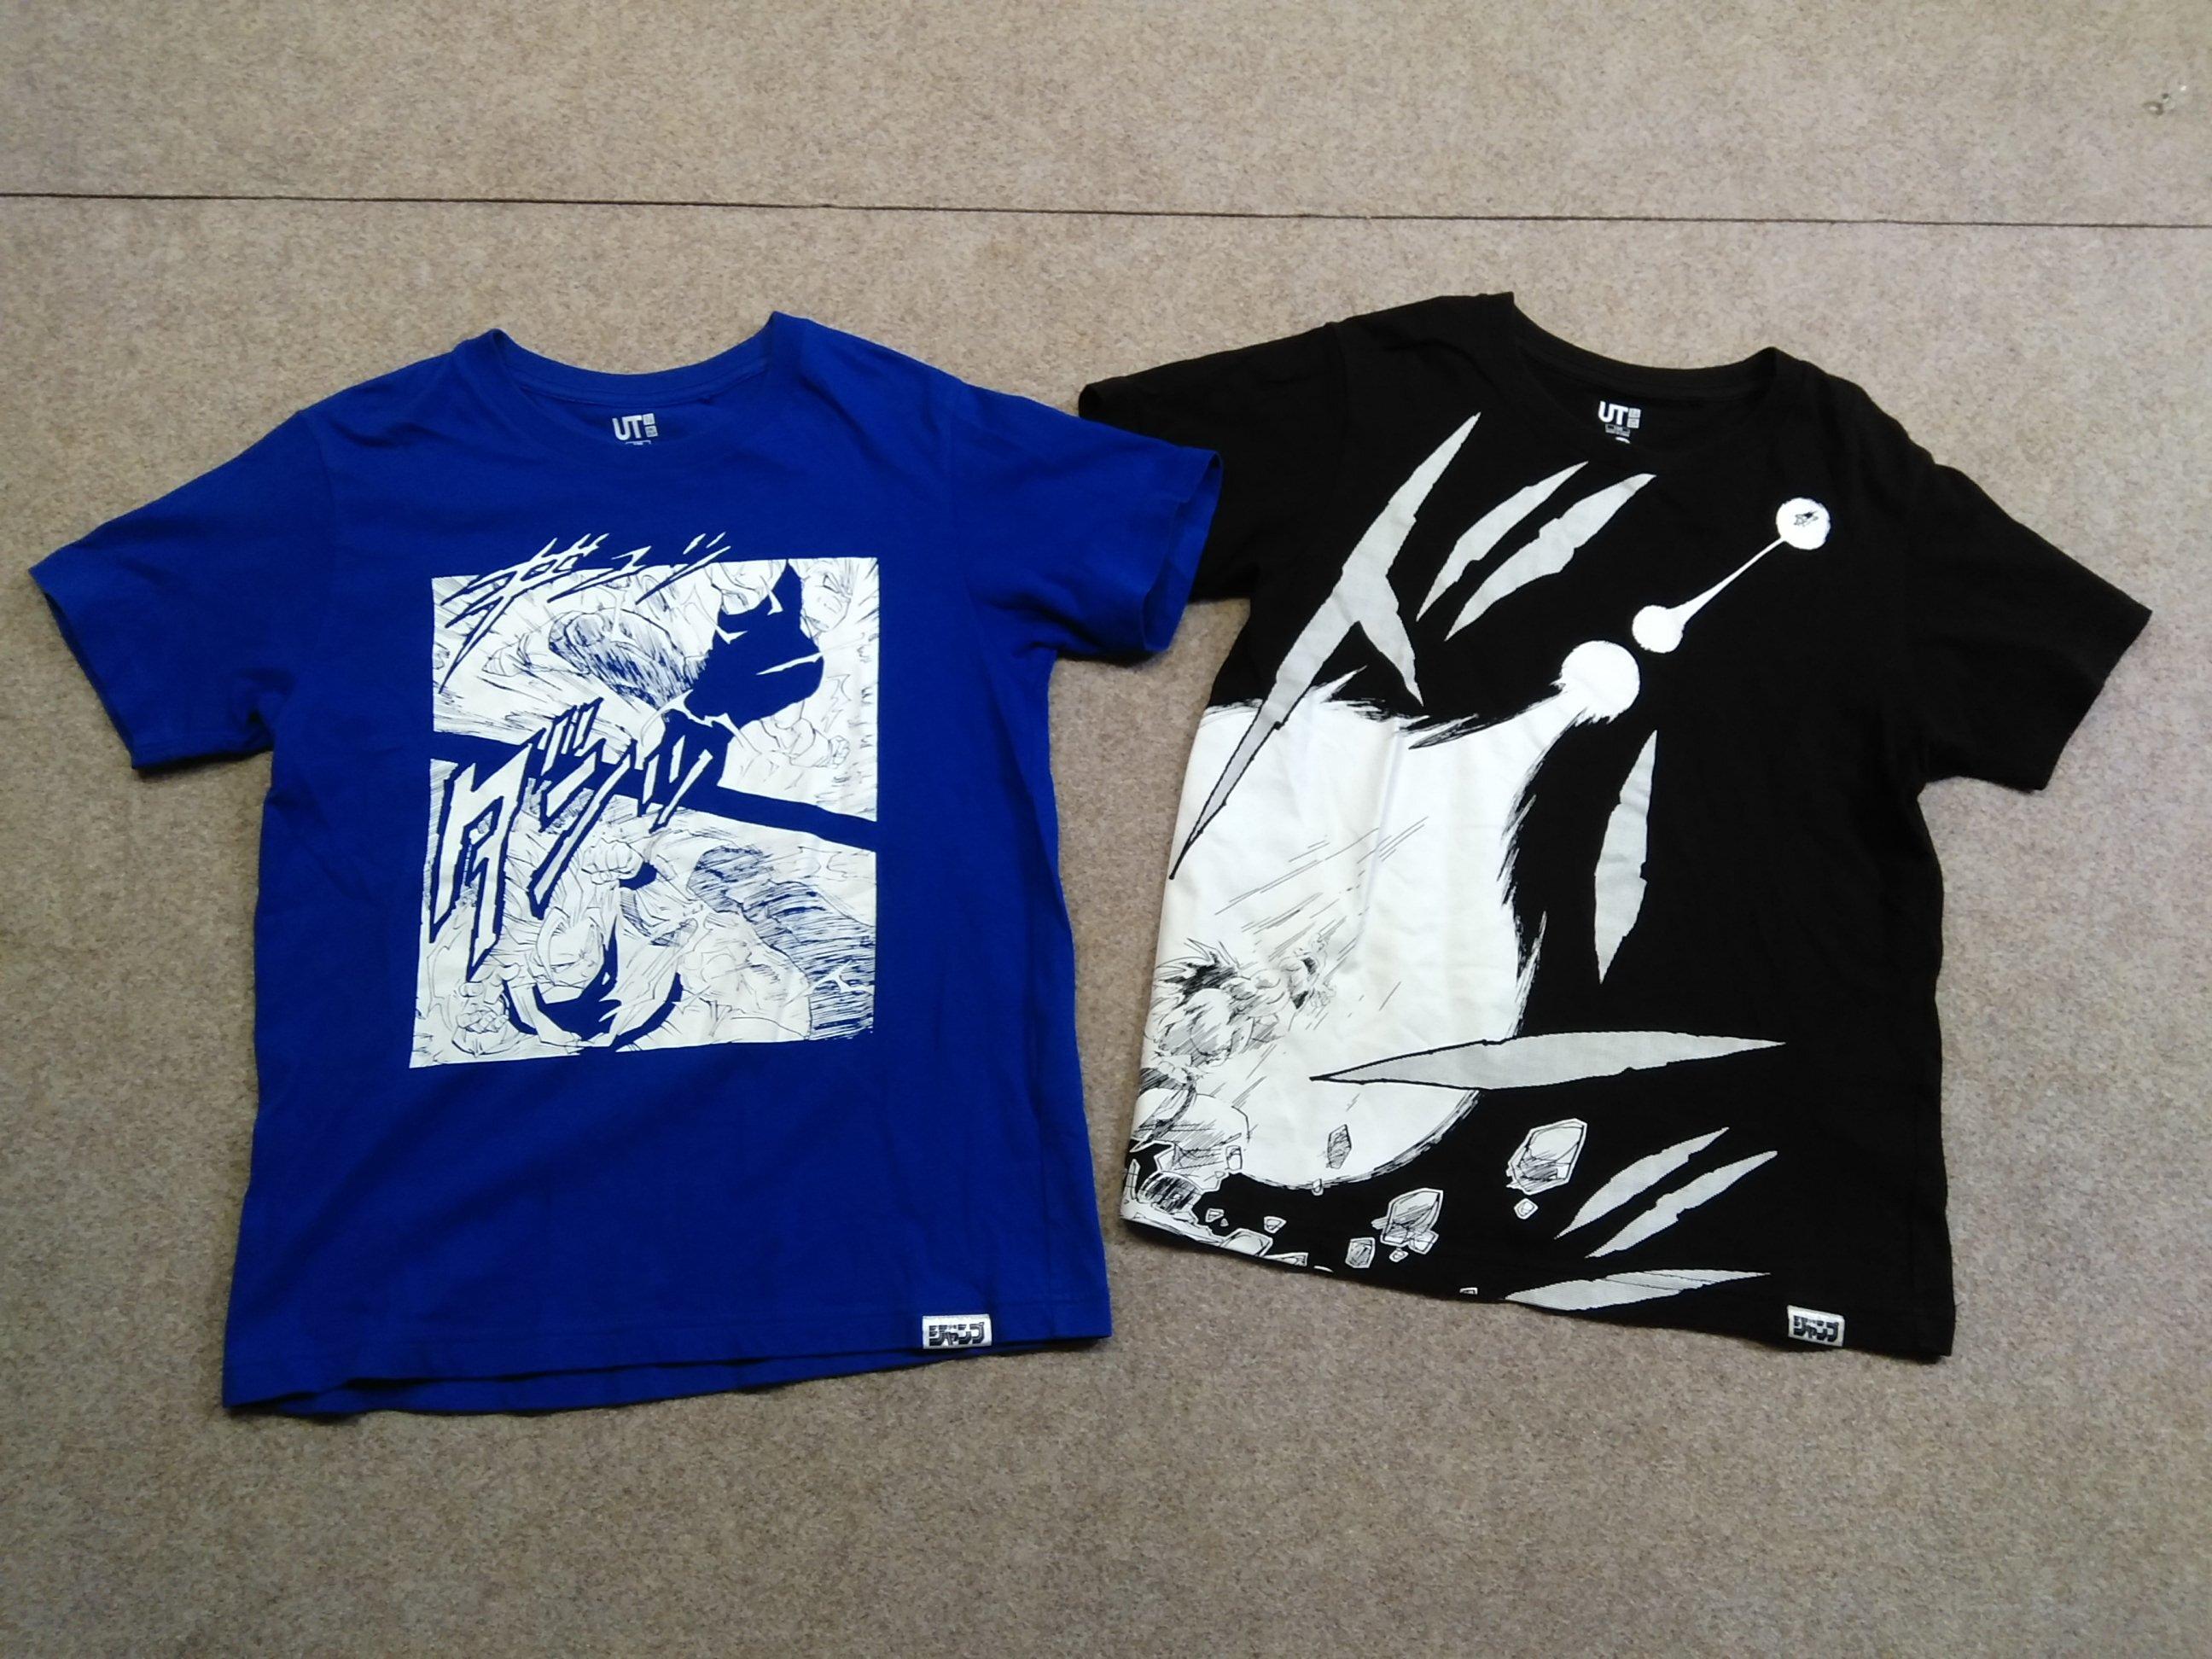 ユニクロ ドラゴンボール Tシャツ 2着セット 130 キッズ mh466s